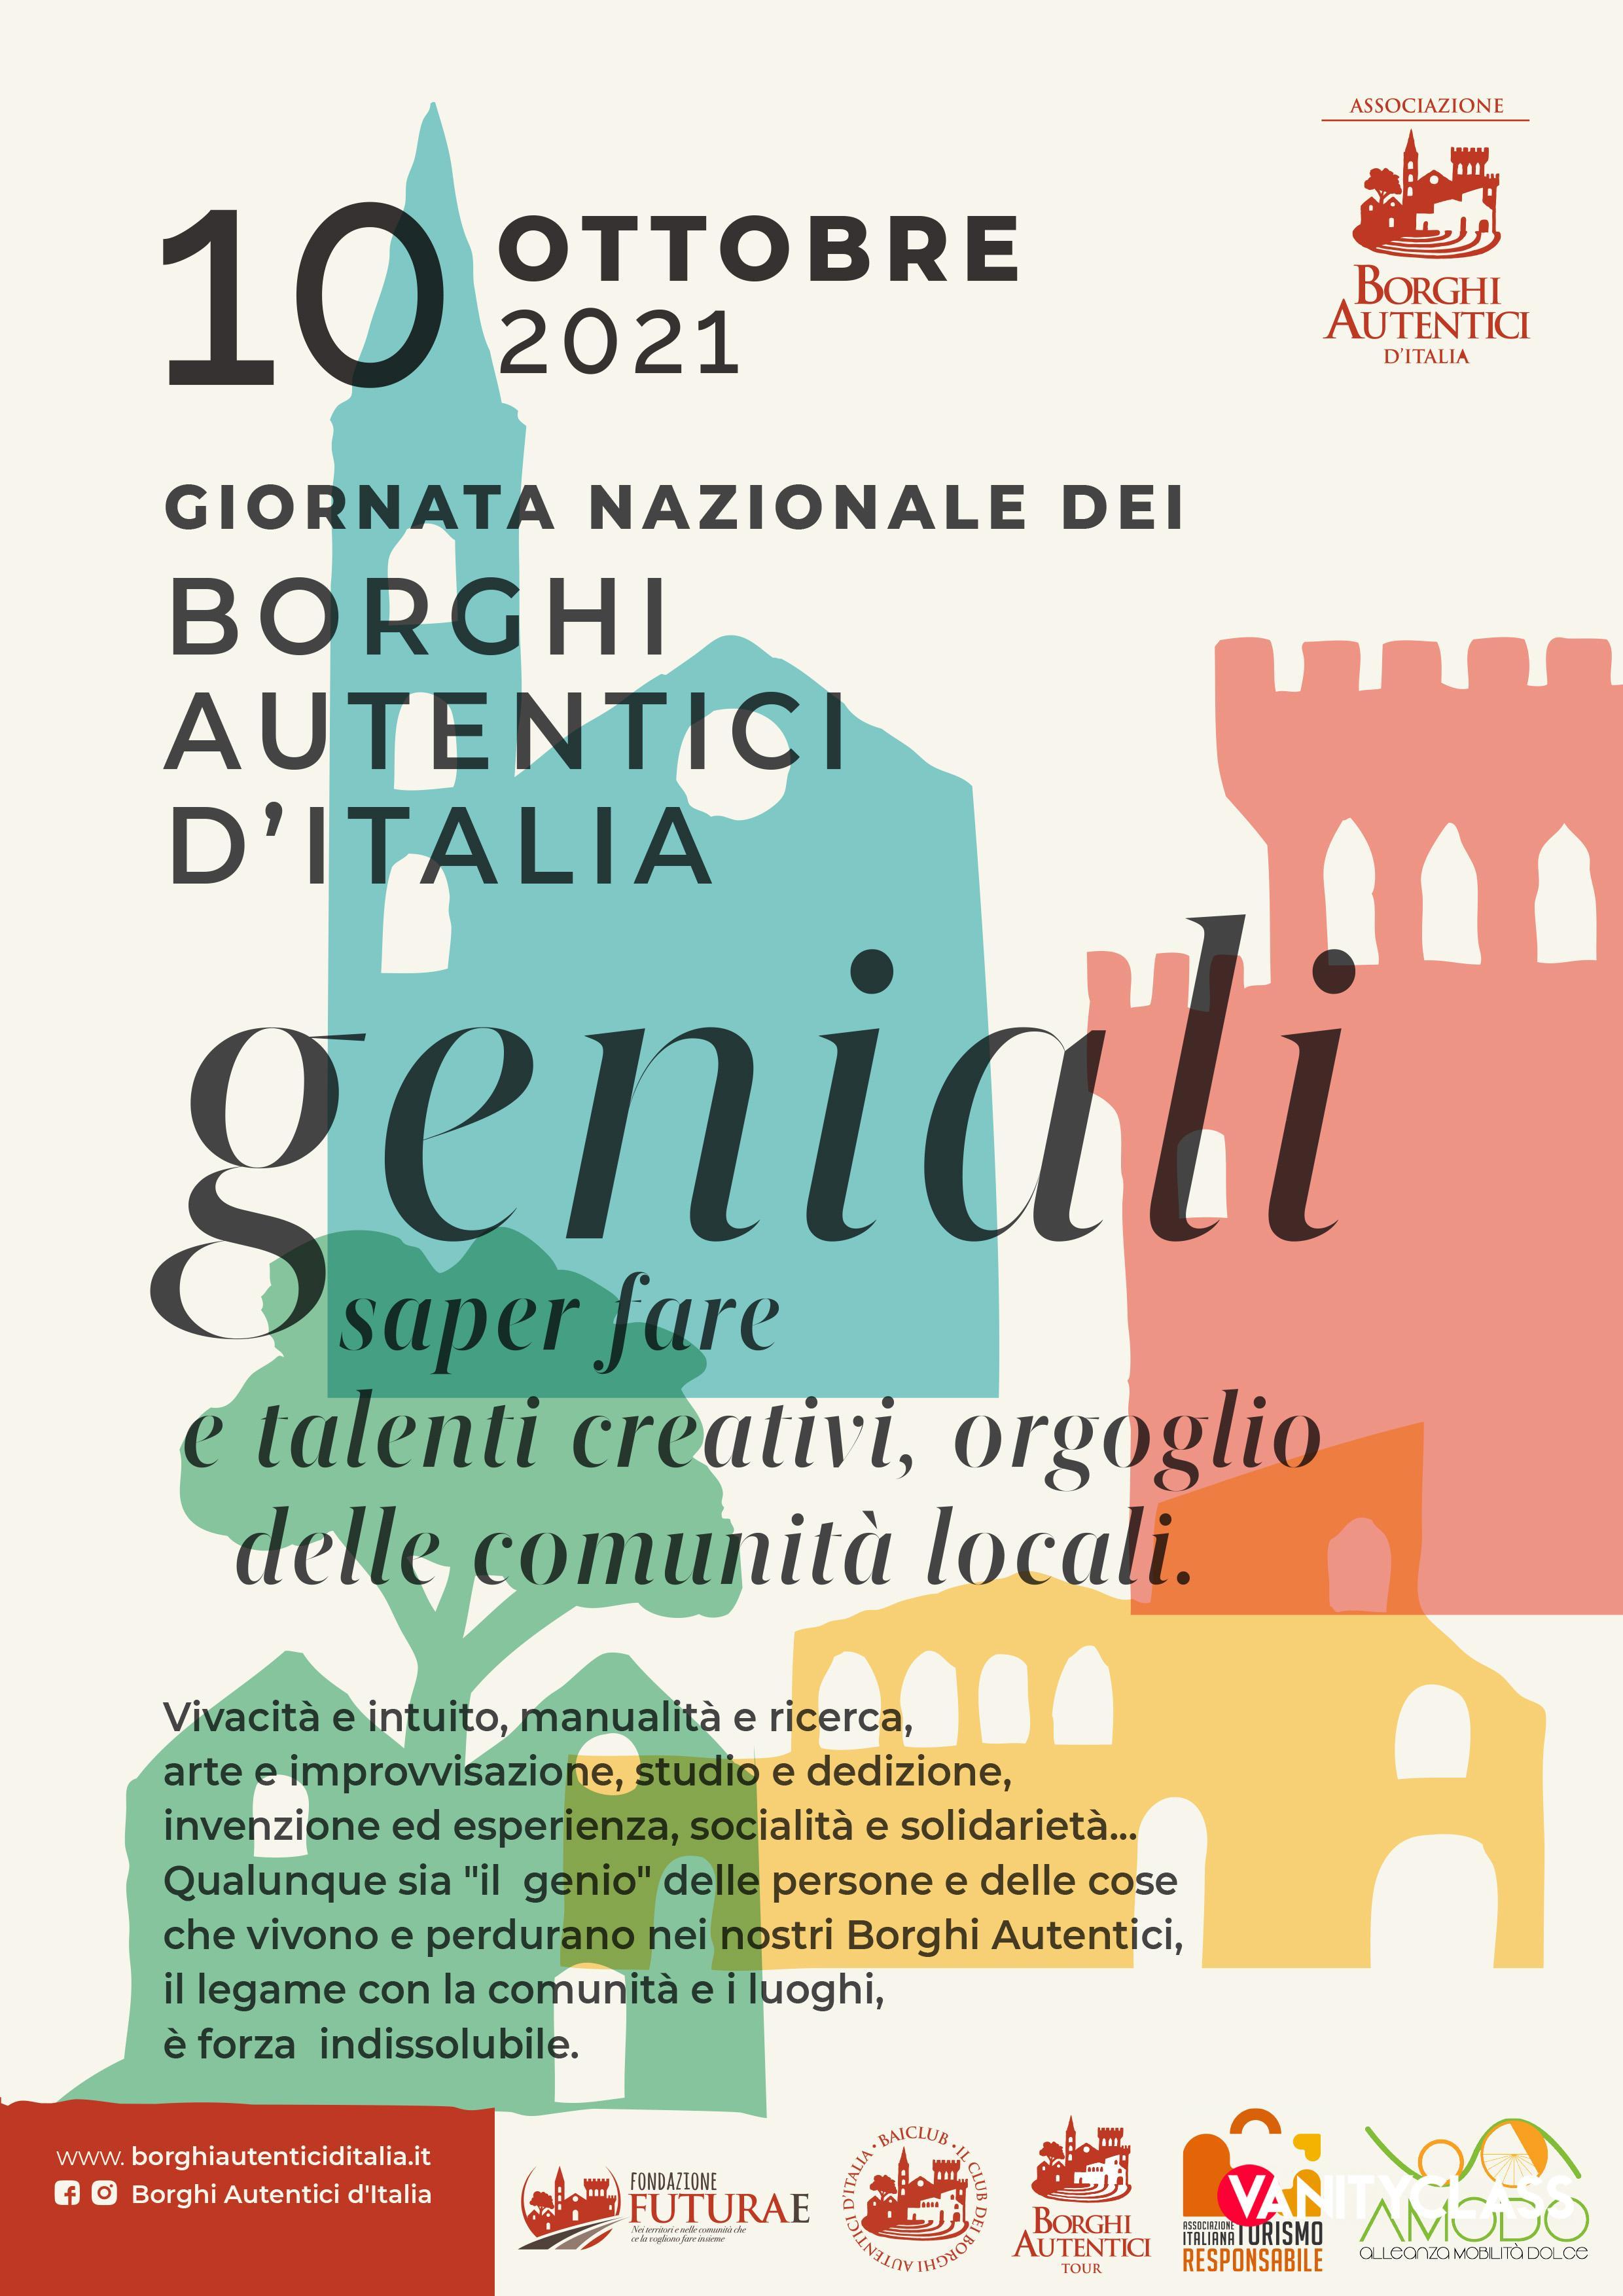 La Giornata Nazionale dei Borghi Autentici d'Italia